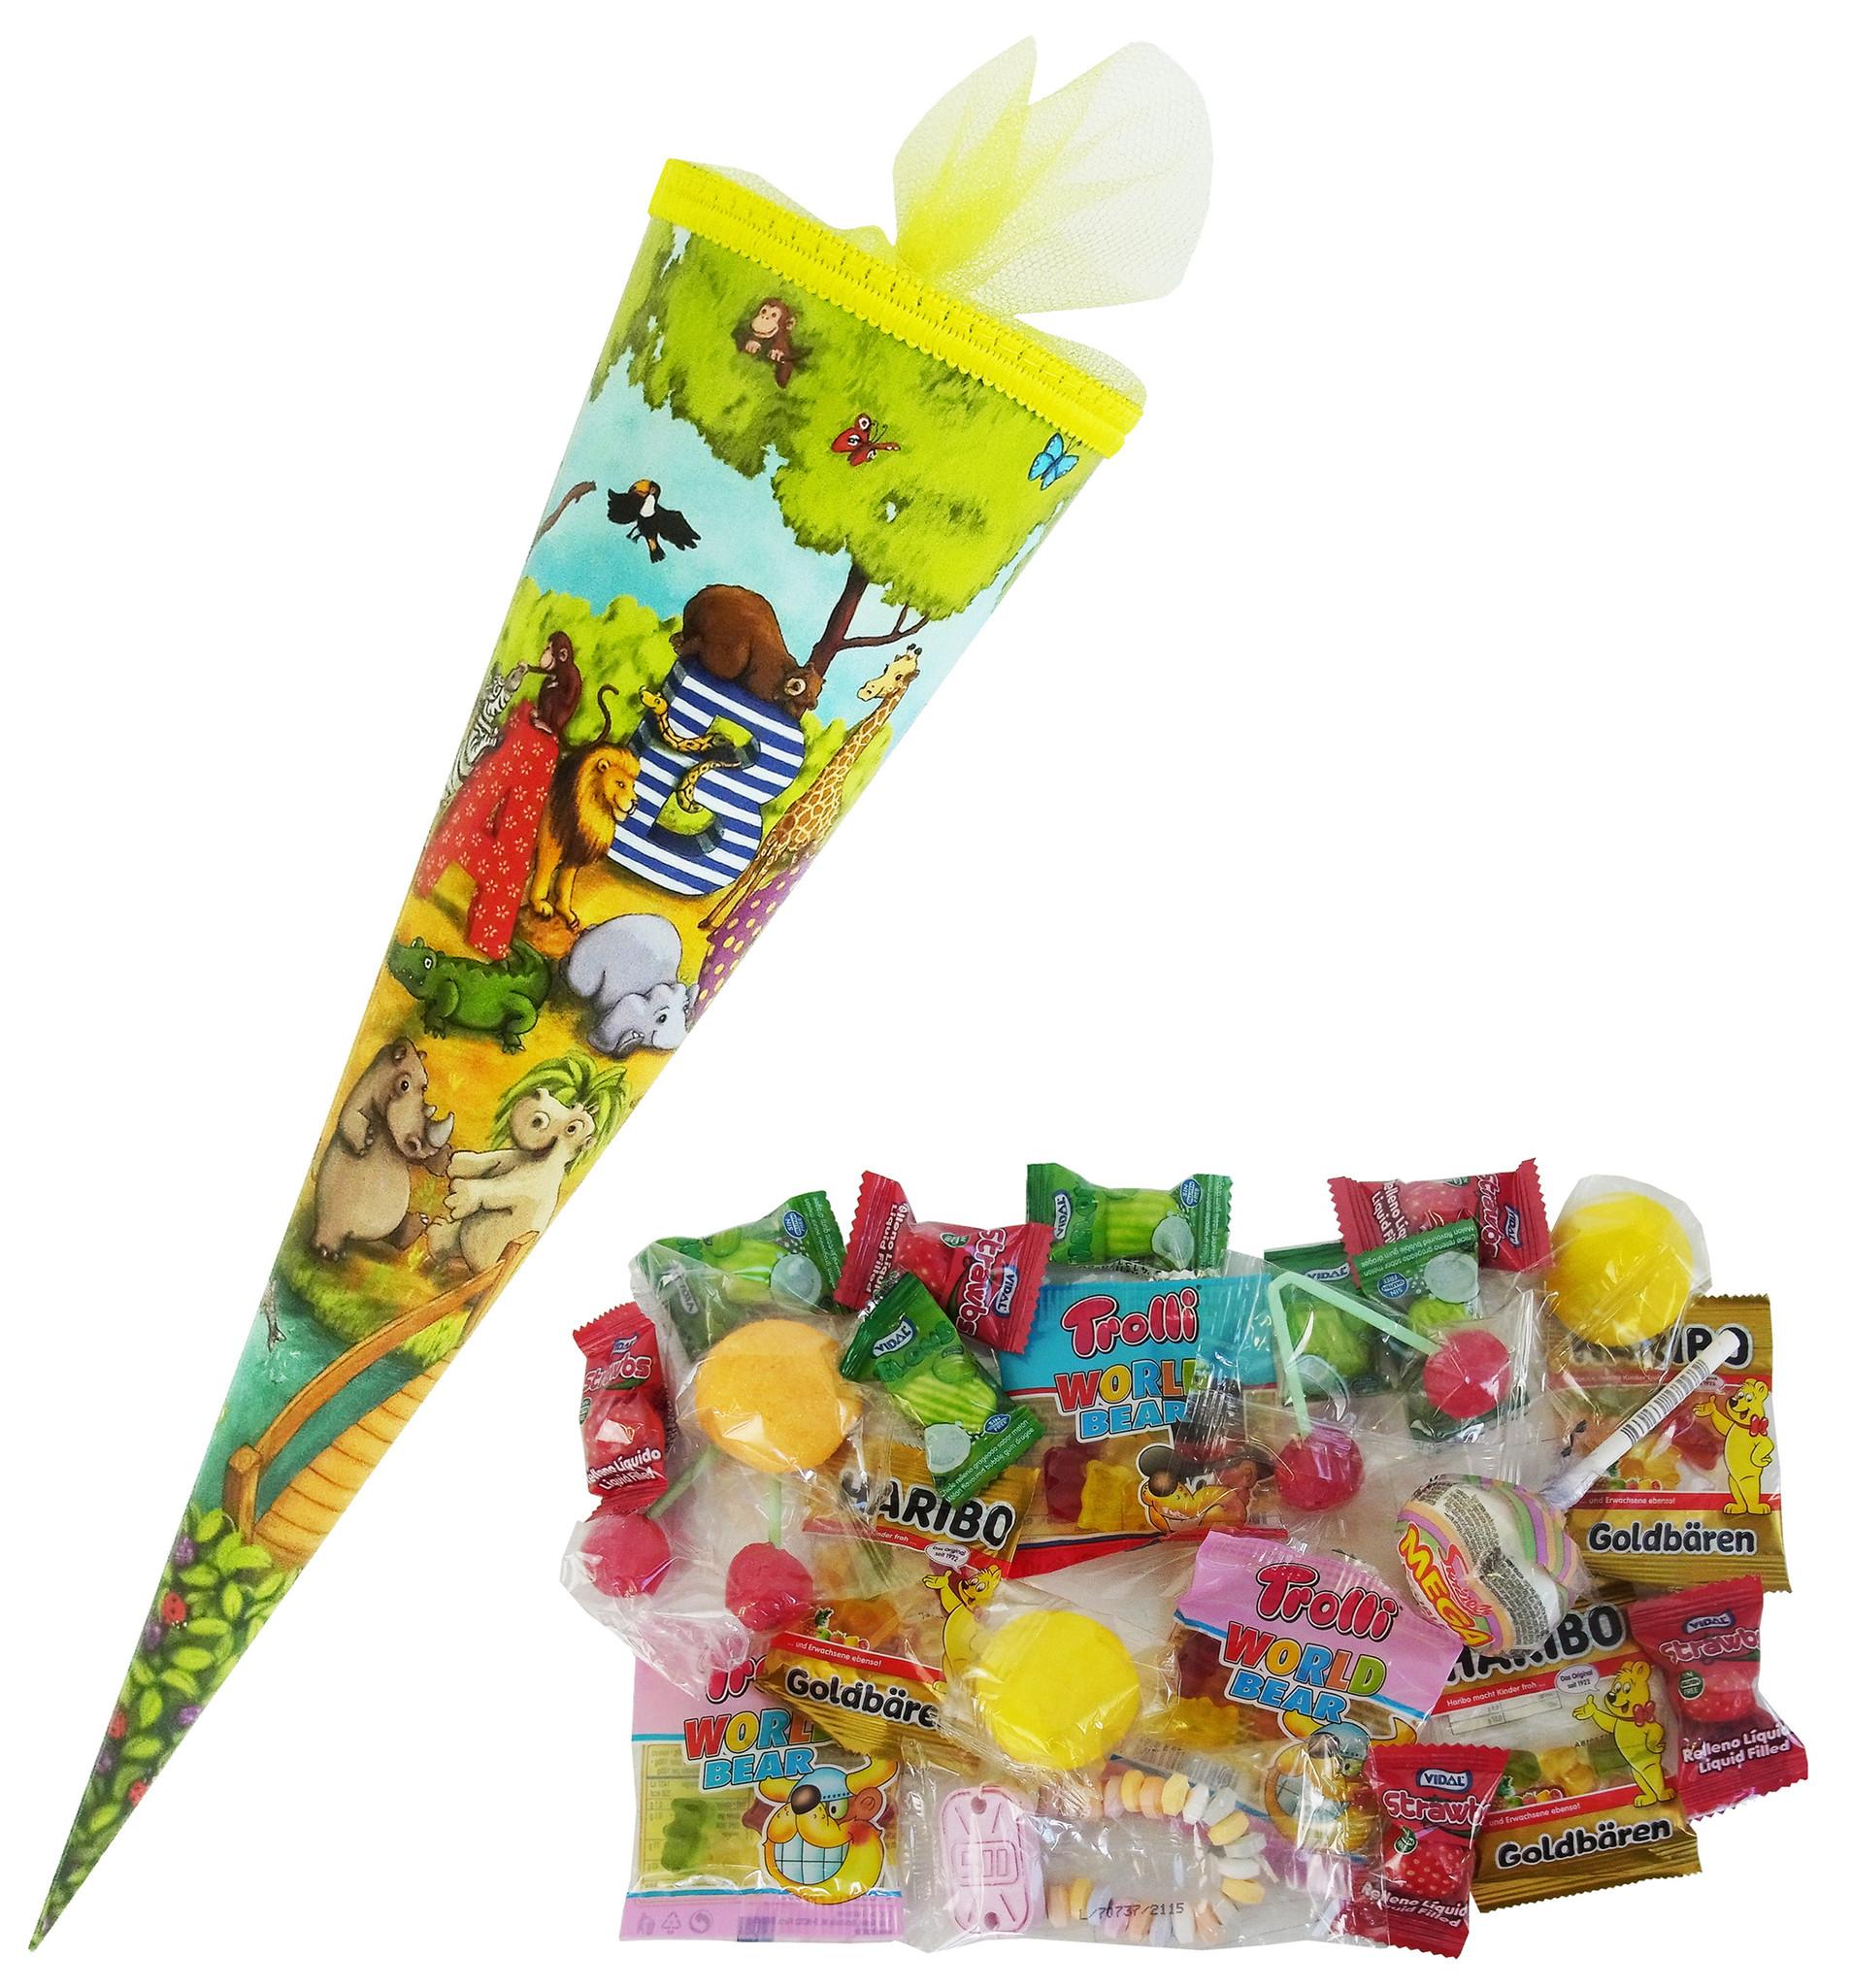 CAPTAIN PLAY Schultüte Fabelhafte Tierwelt 35cm gefüllt mit Süßigkeiten ohne Schokolade (20-teilig)